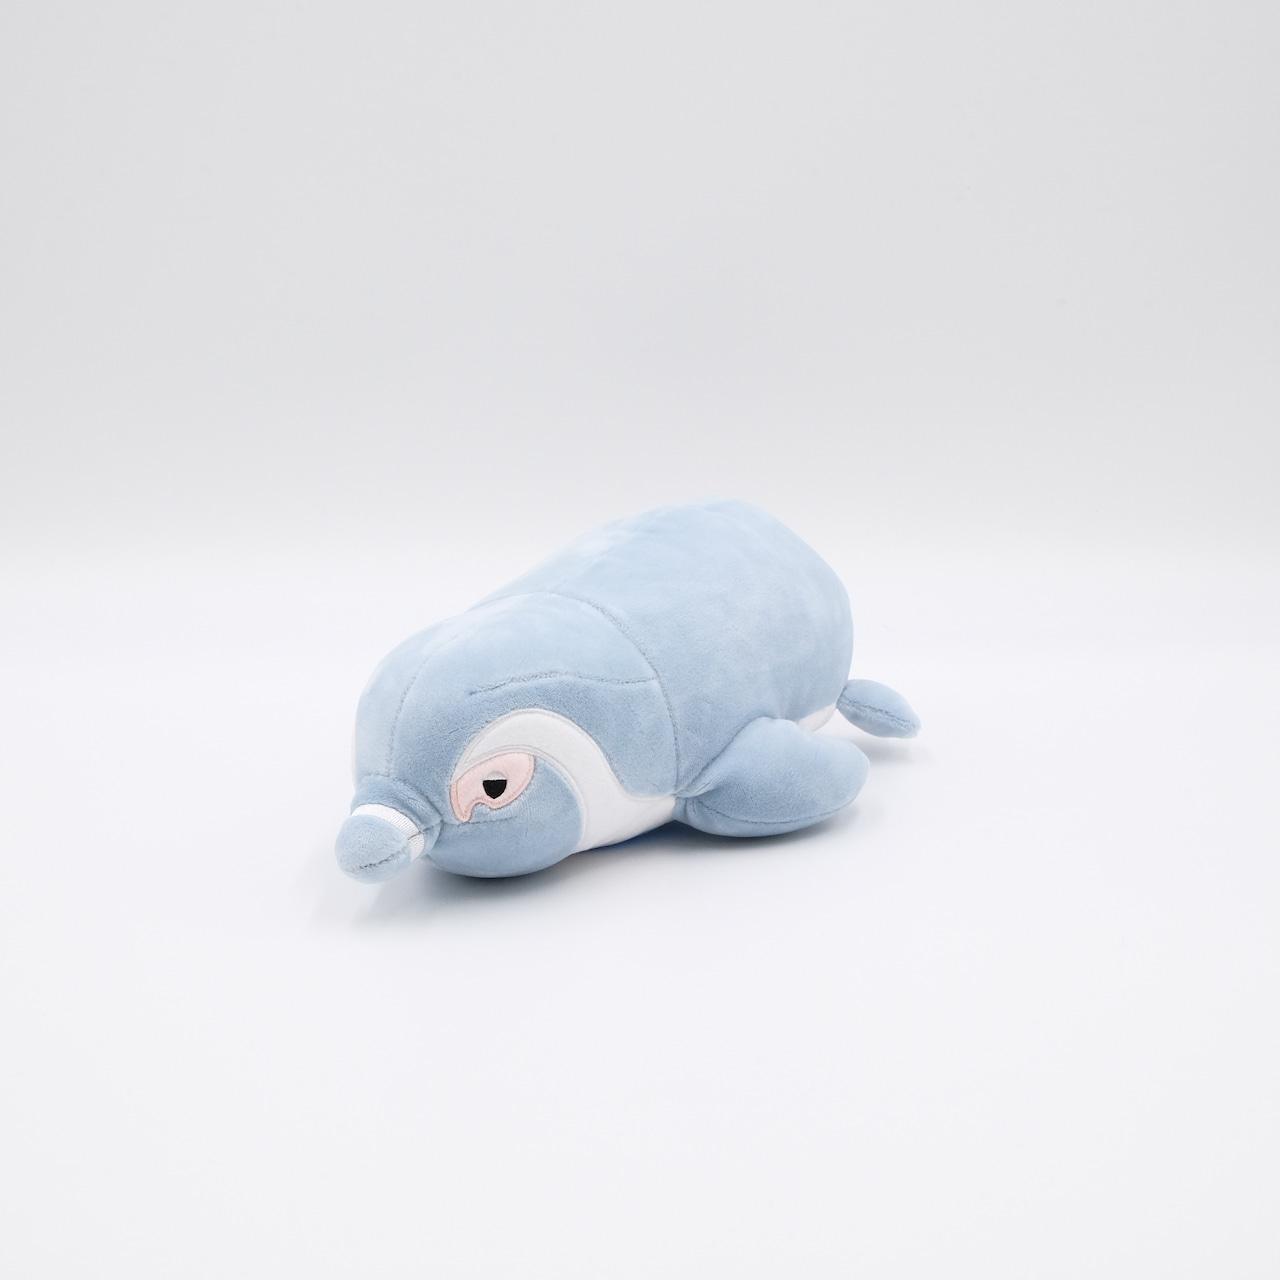 おねむクッション ケープペンギン(Sサイズ)